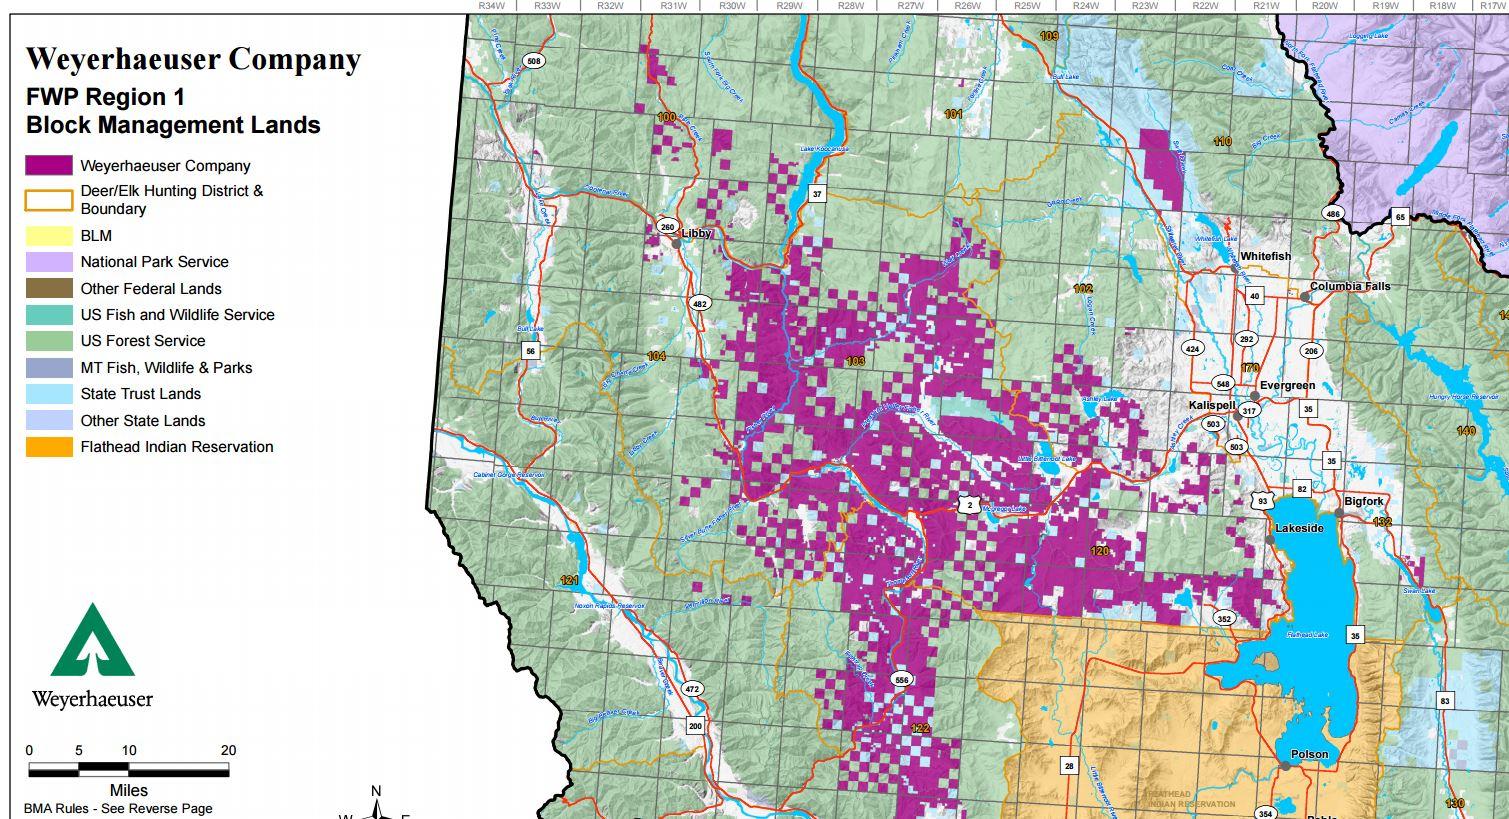 map showing weyerhaeuser lands in western montana from regulations for weyerhaeuser company